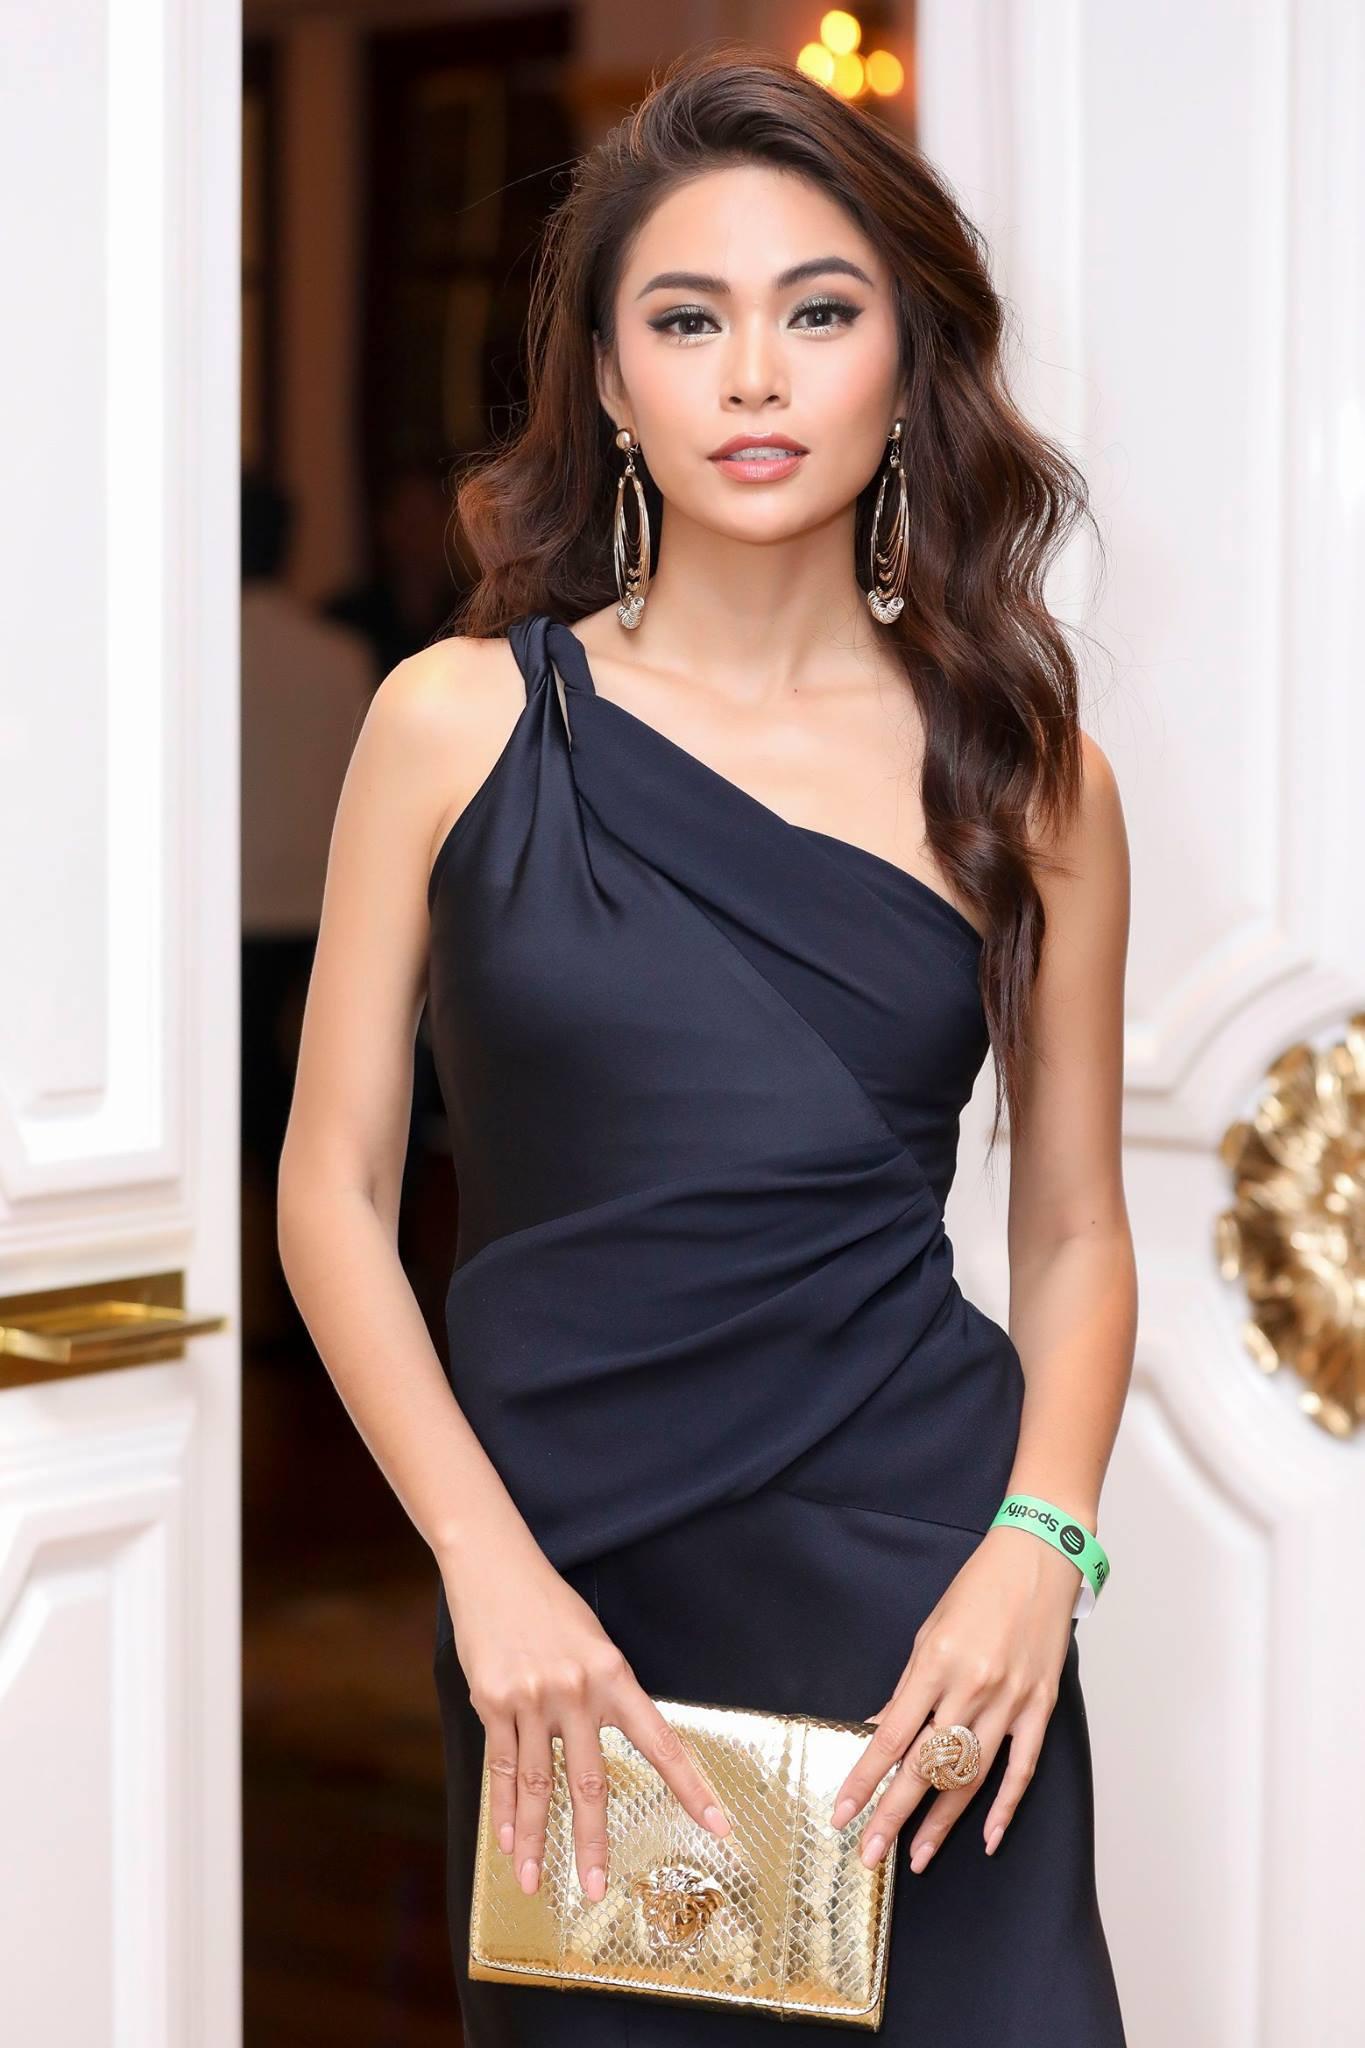 Những chiếc váy giúp Á hậu Mâu Thủy thăng hạng về phong cách - Ảnh 2.